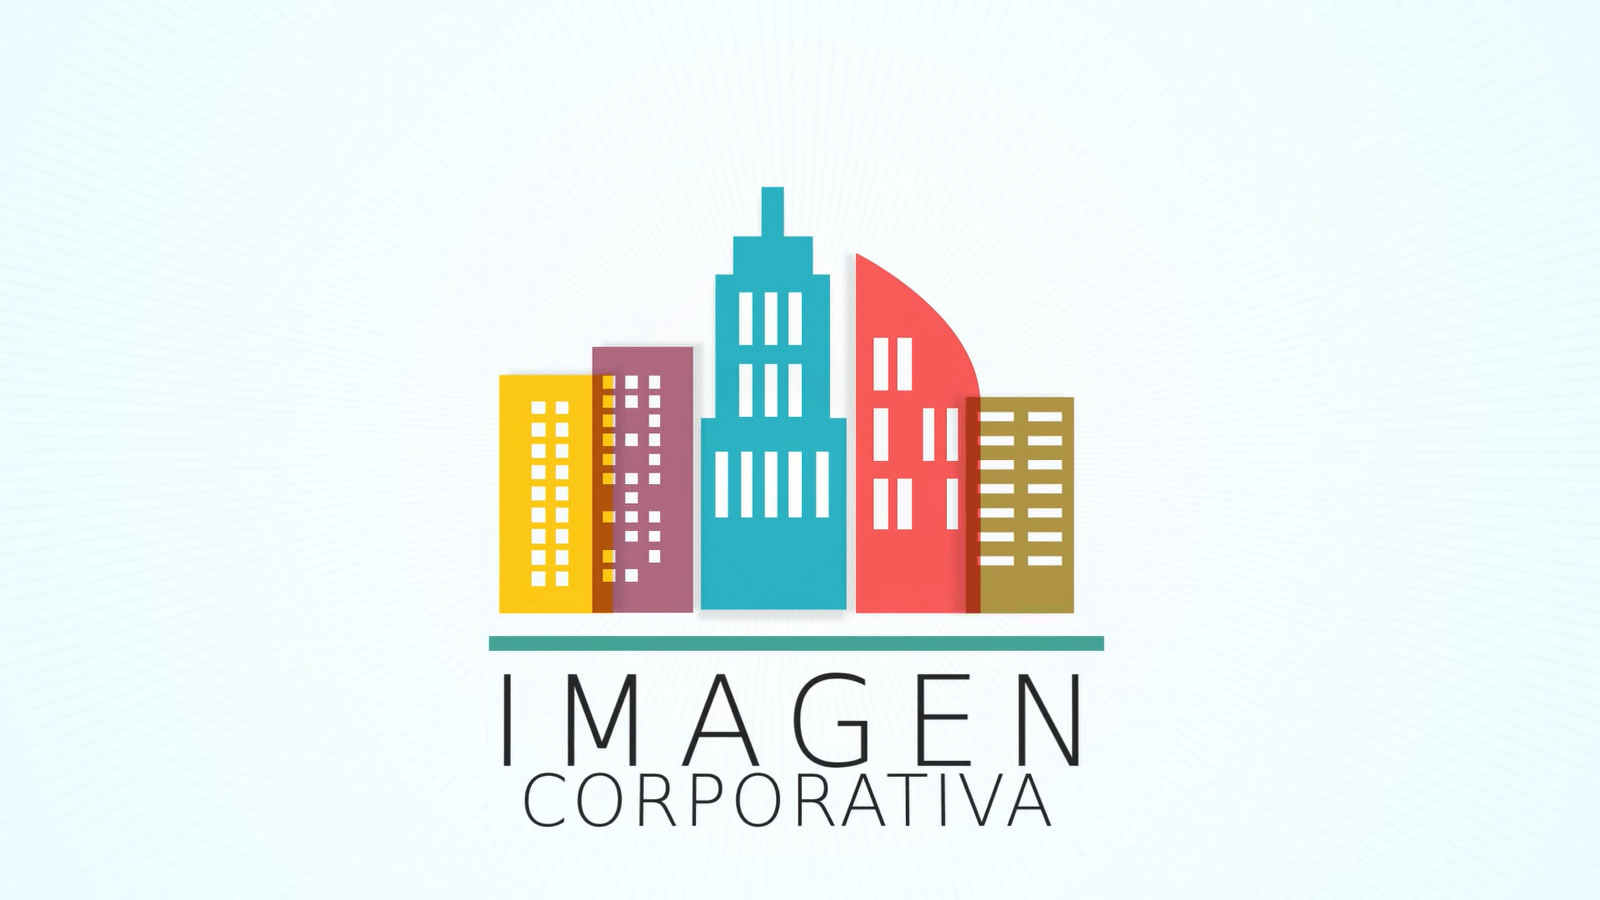 Beneficios de la imagen corporativa